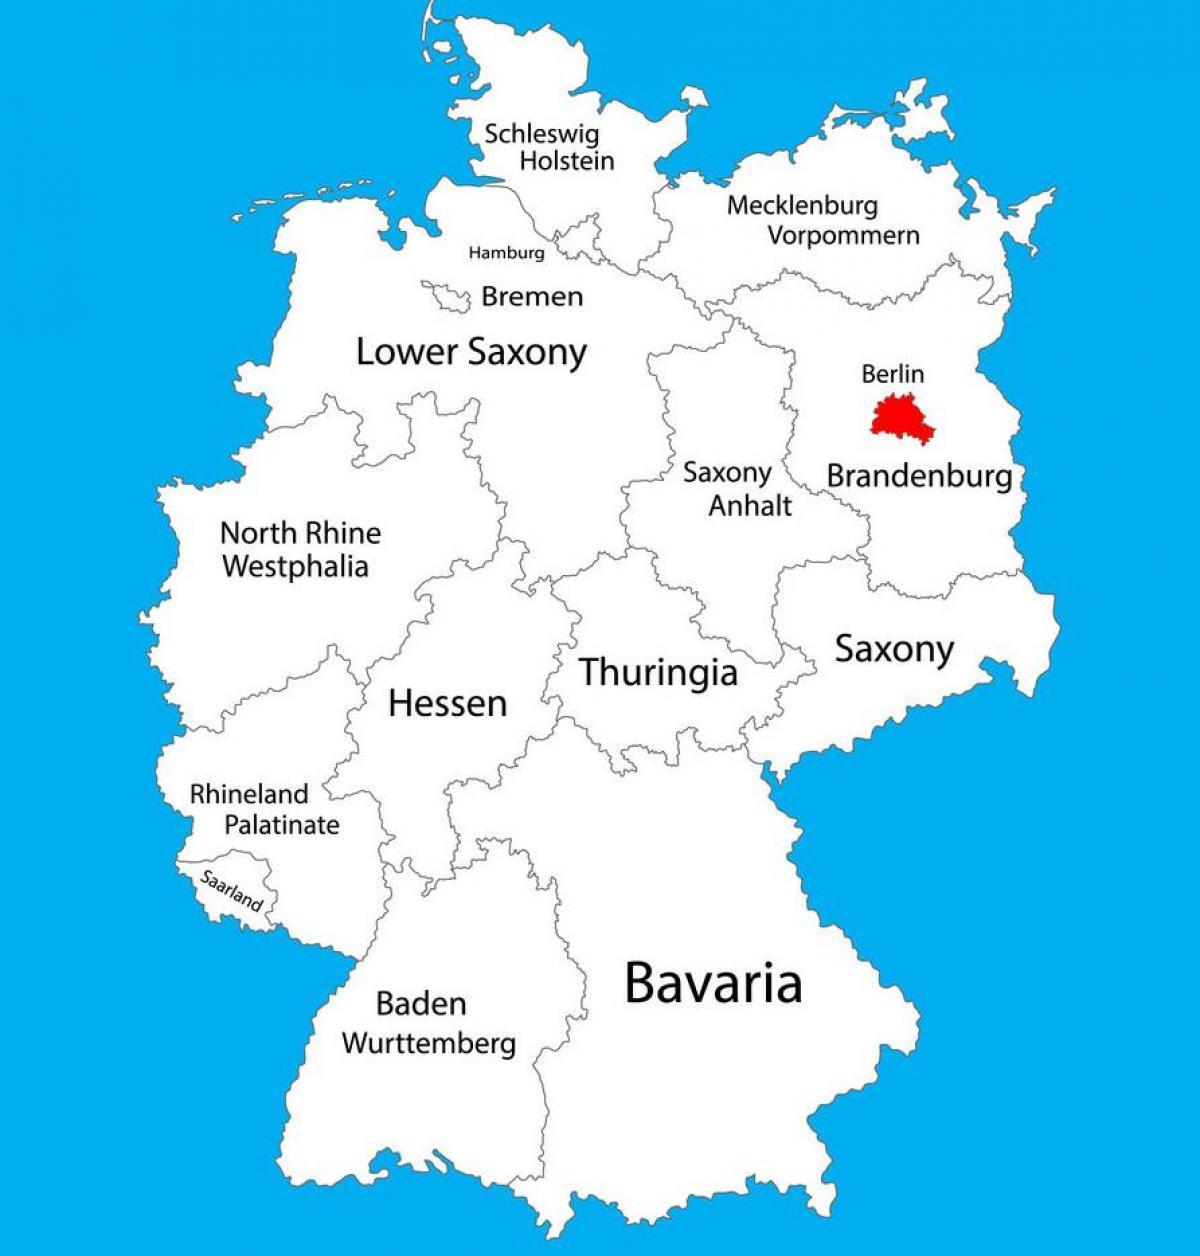 Berlin Tyskland Kort Kort Over Tyskland Der Viser Berlin